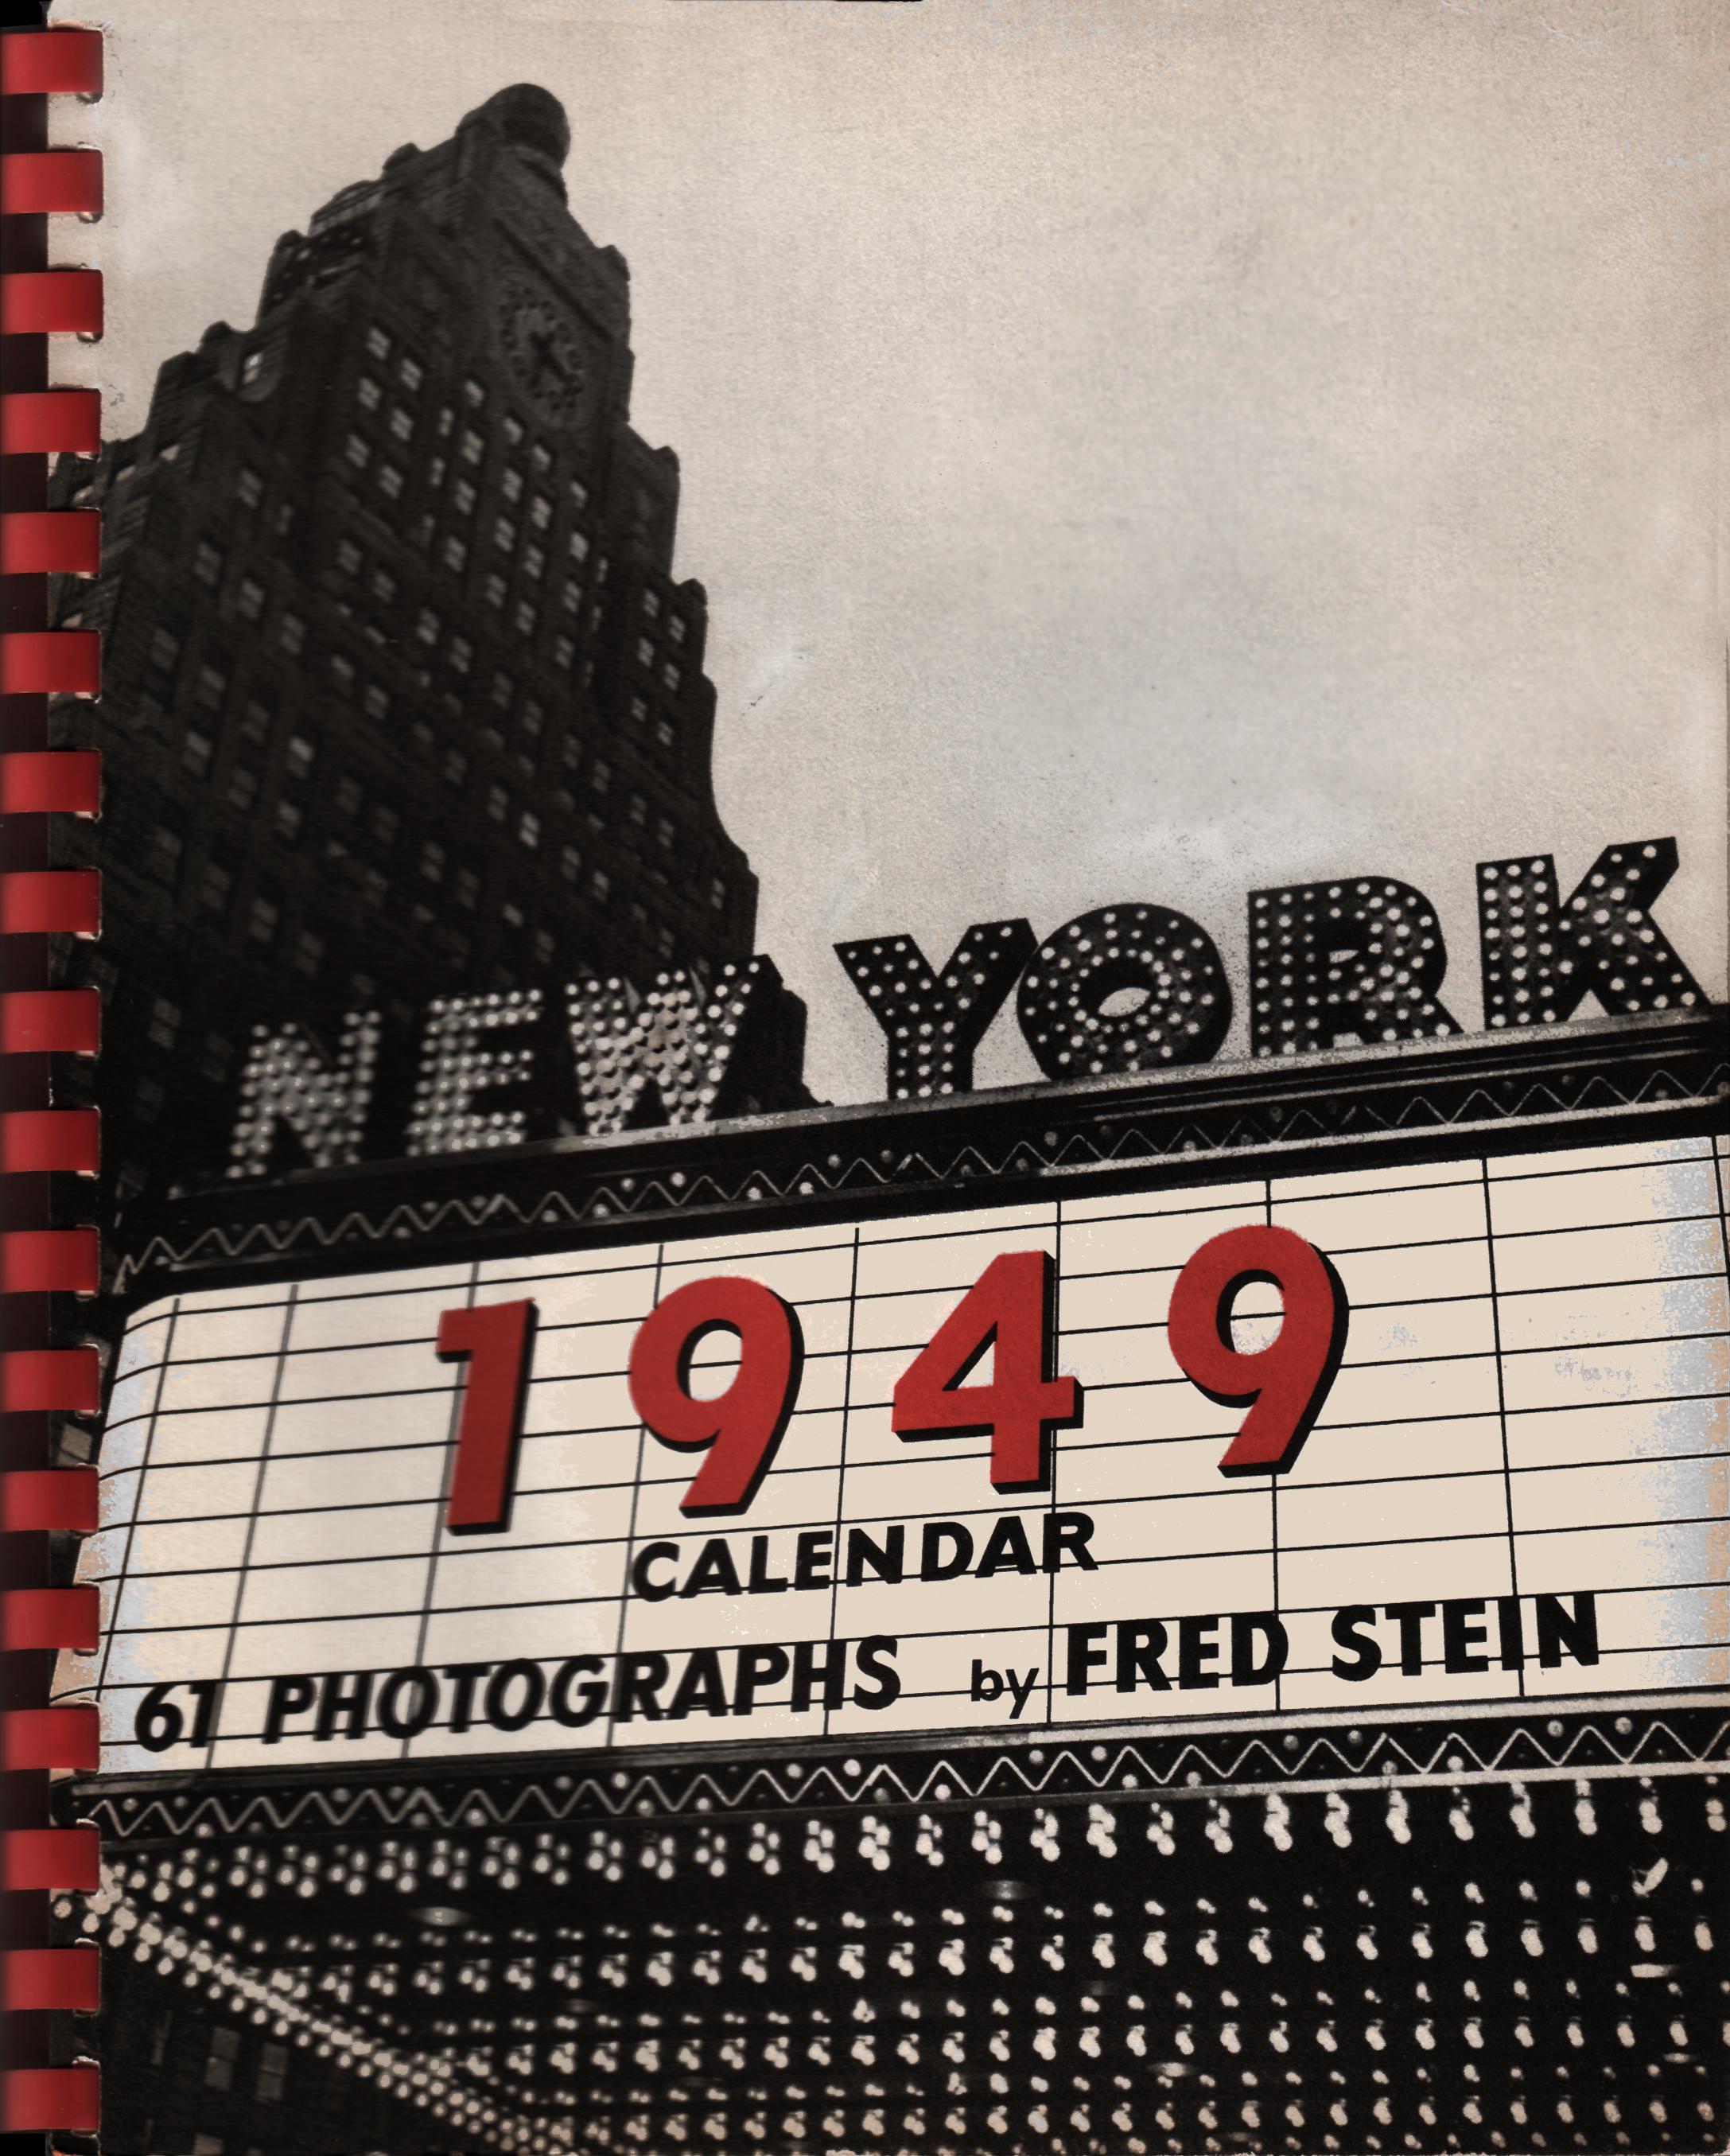 New York 1949 Calendar